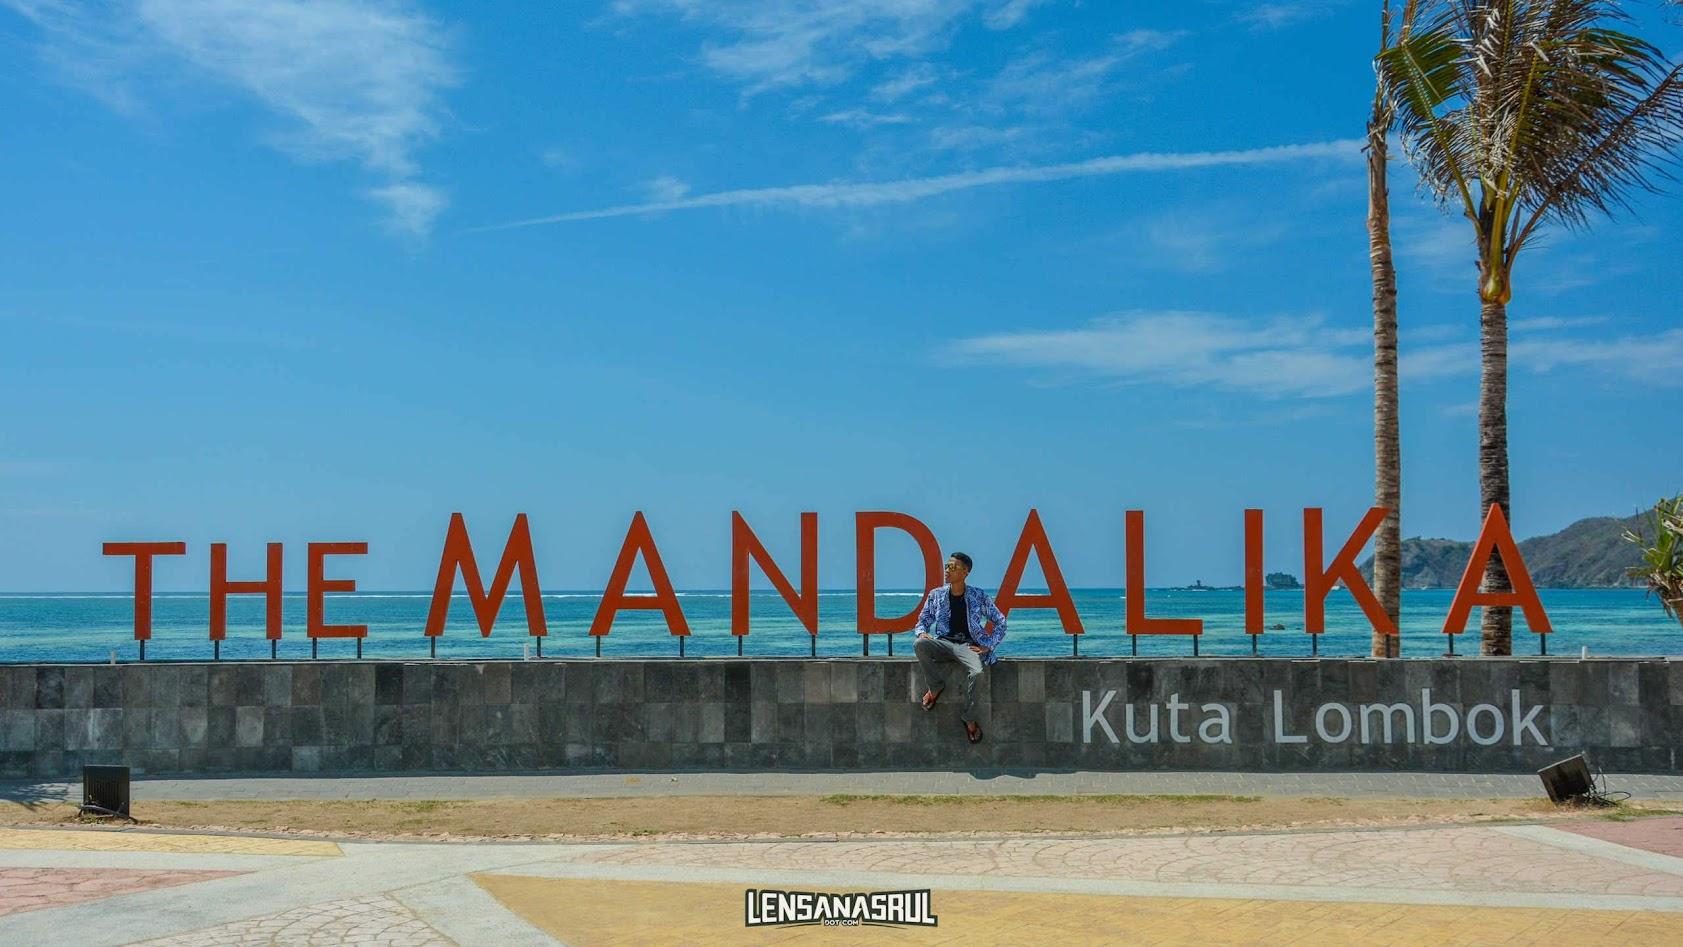 The Mandalika Kuta Lombok